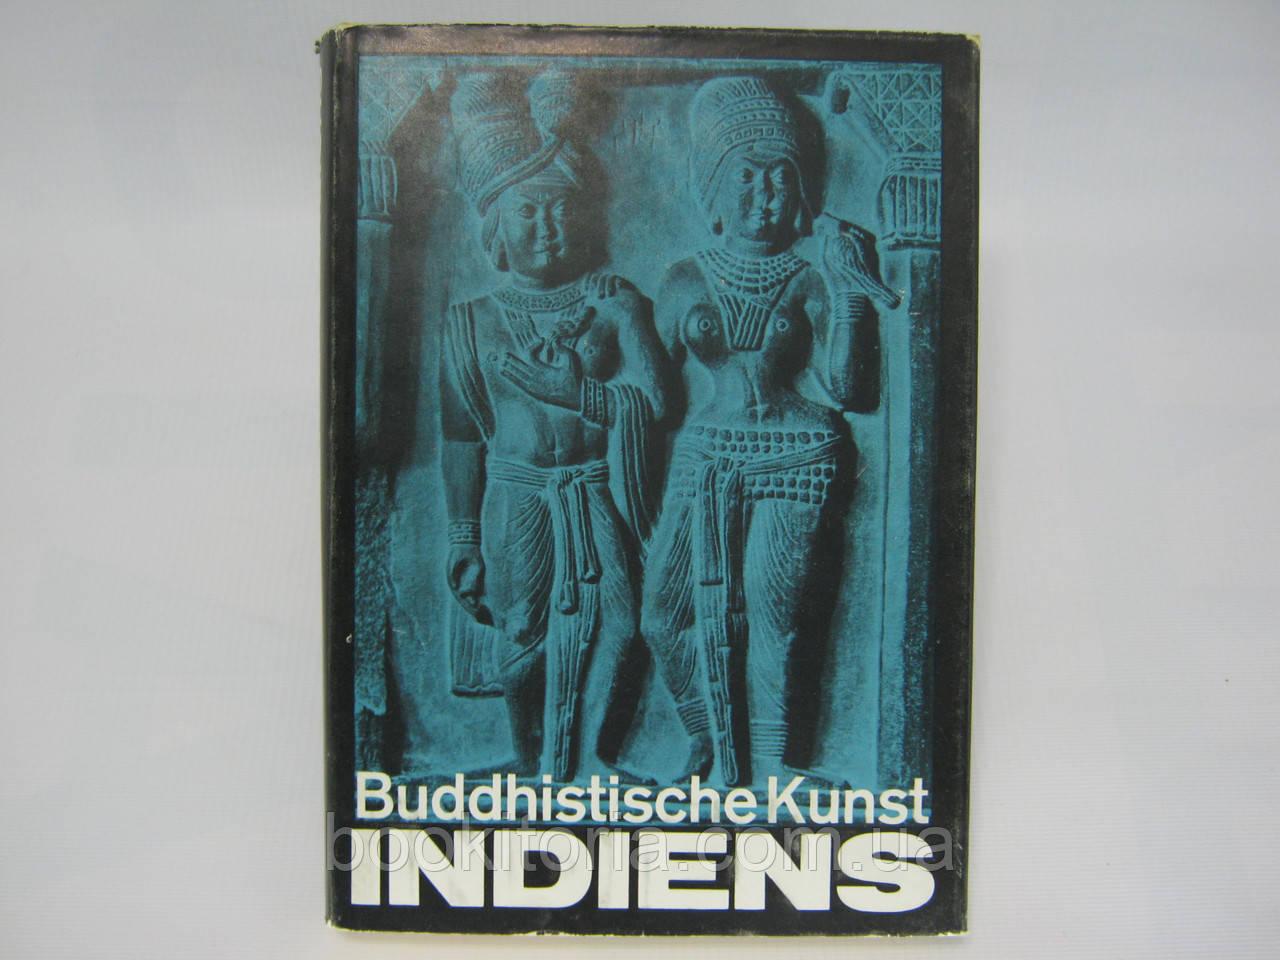 Franz H.G. Buddhistische Kunst Indiens (б/у).